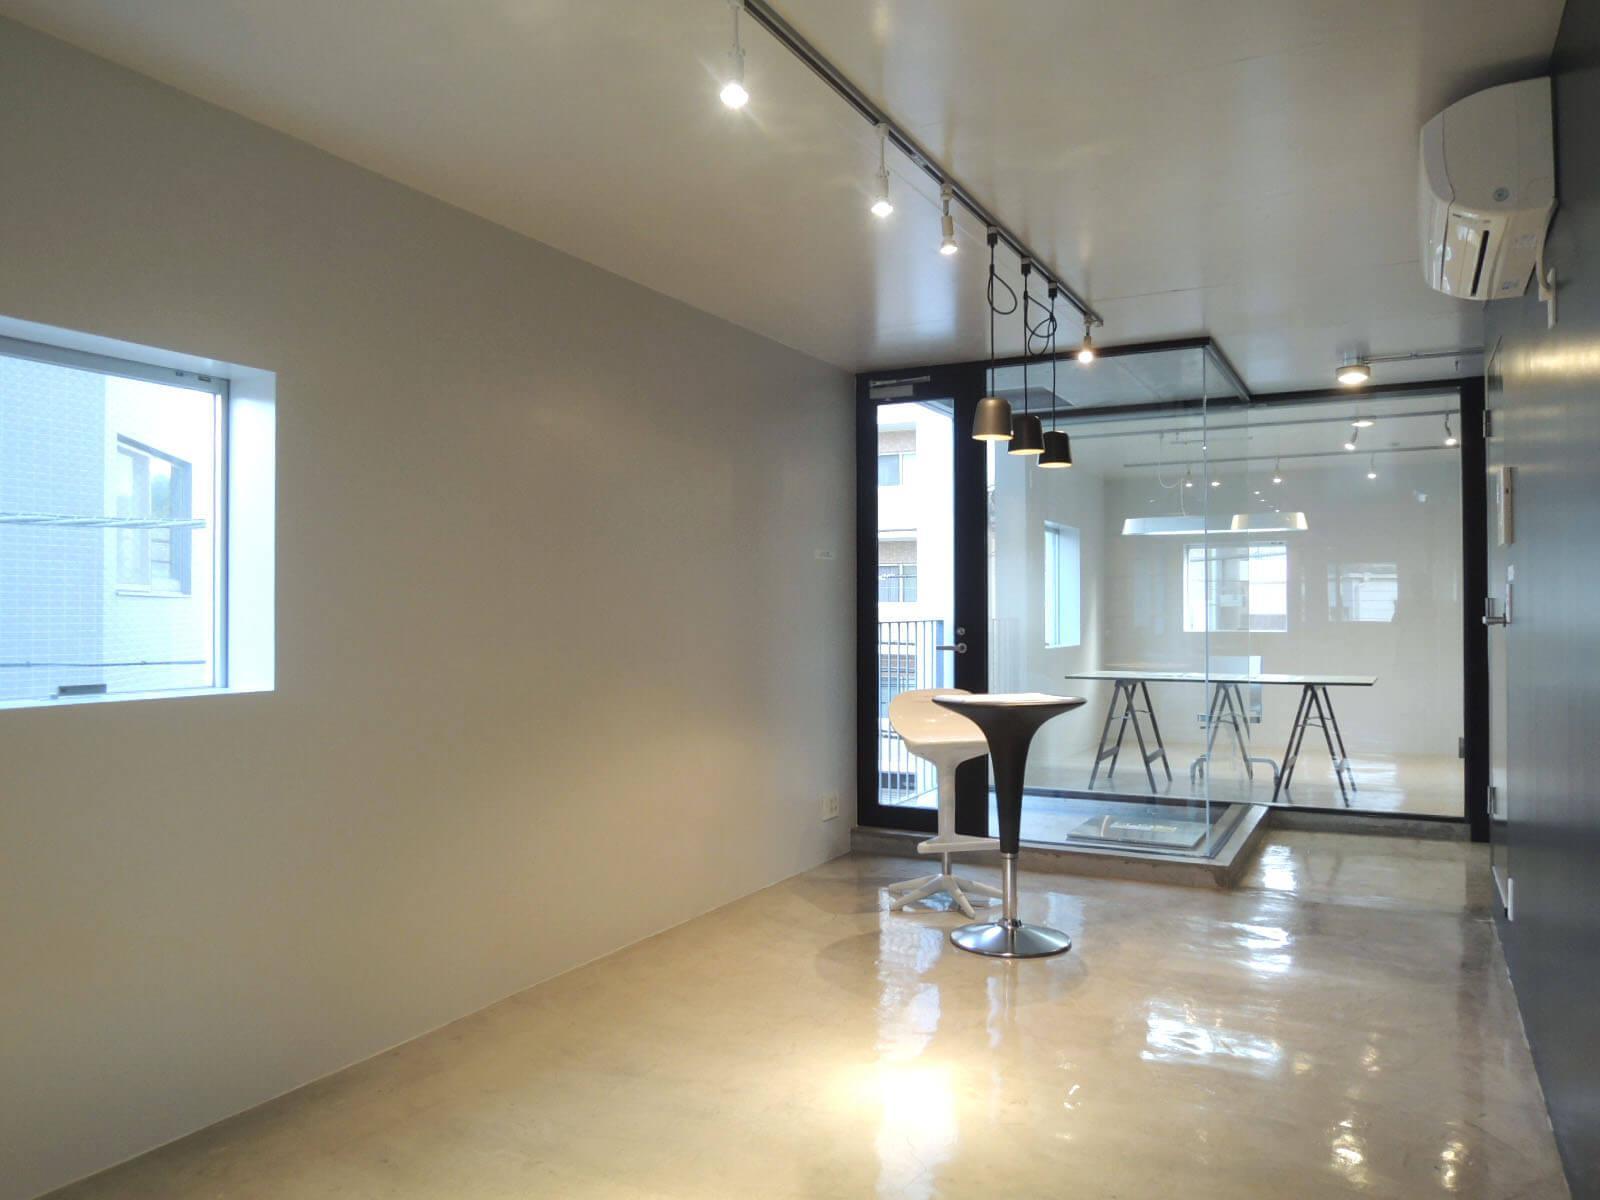 壁に凹凸がないおかげで、家具のレイアウトは自由自在